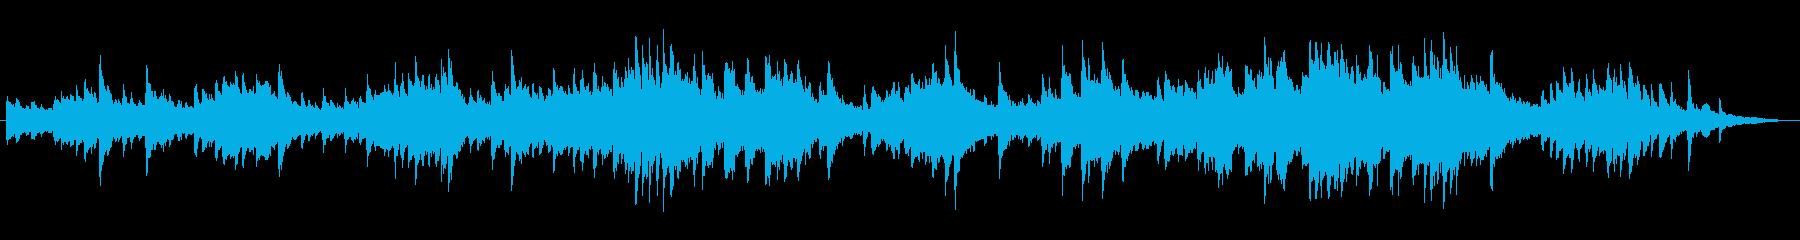 黒魔術のようなミステリアスなピアノ曲の再生済みの波形